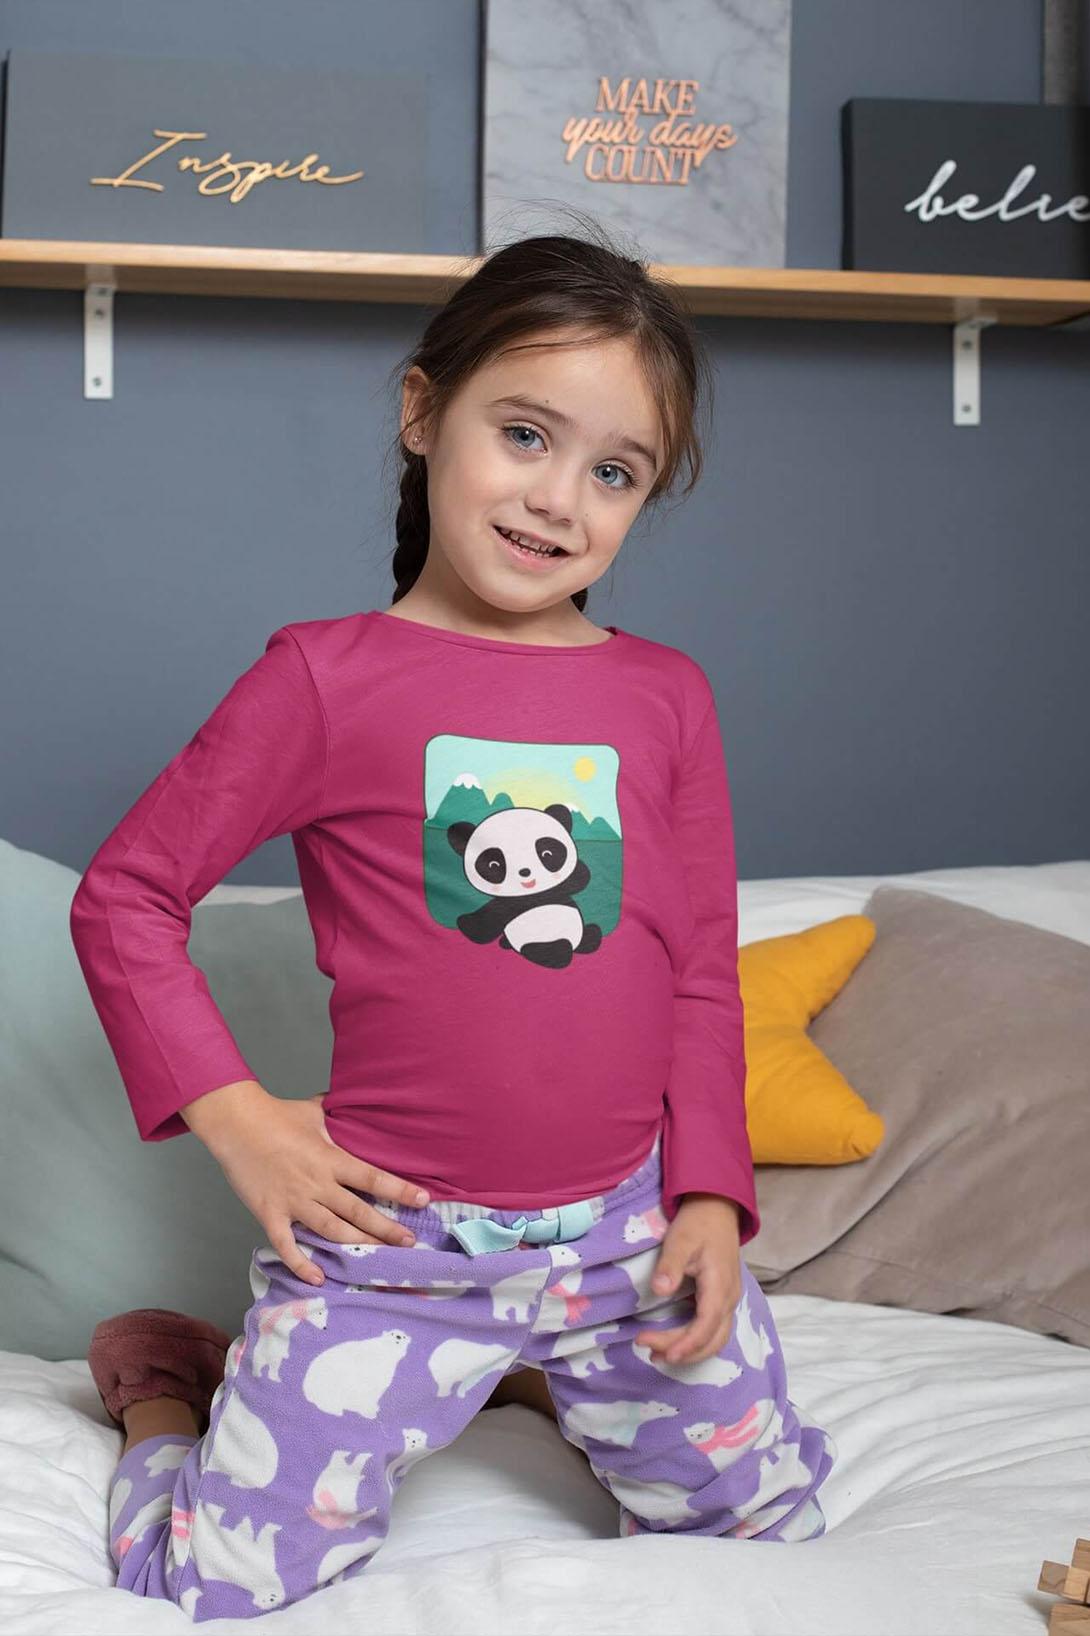 MMO Detské tričko s dlhým rukávom Panda Vyberte farbu:: Limetková, Detská veľkosť: 158/12 rokov